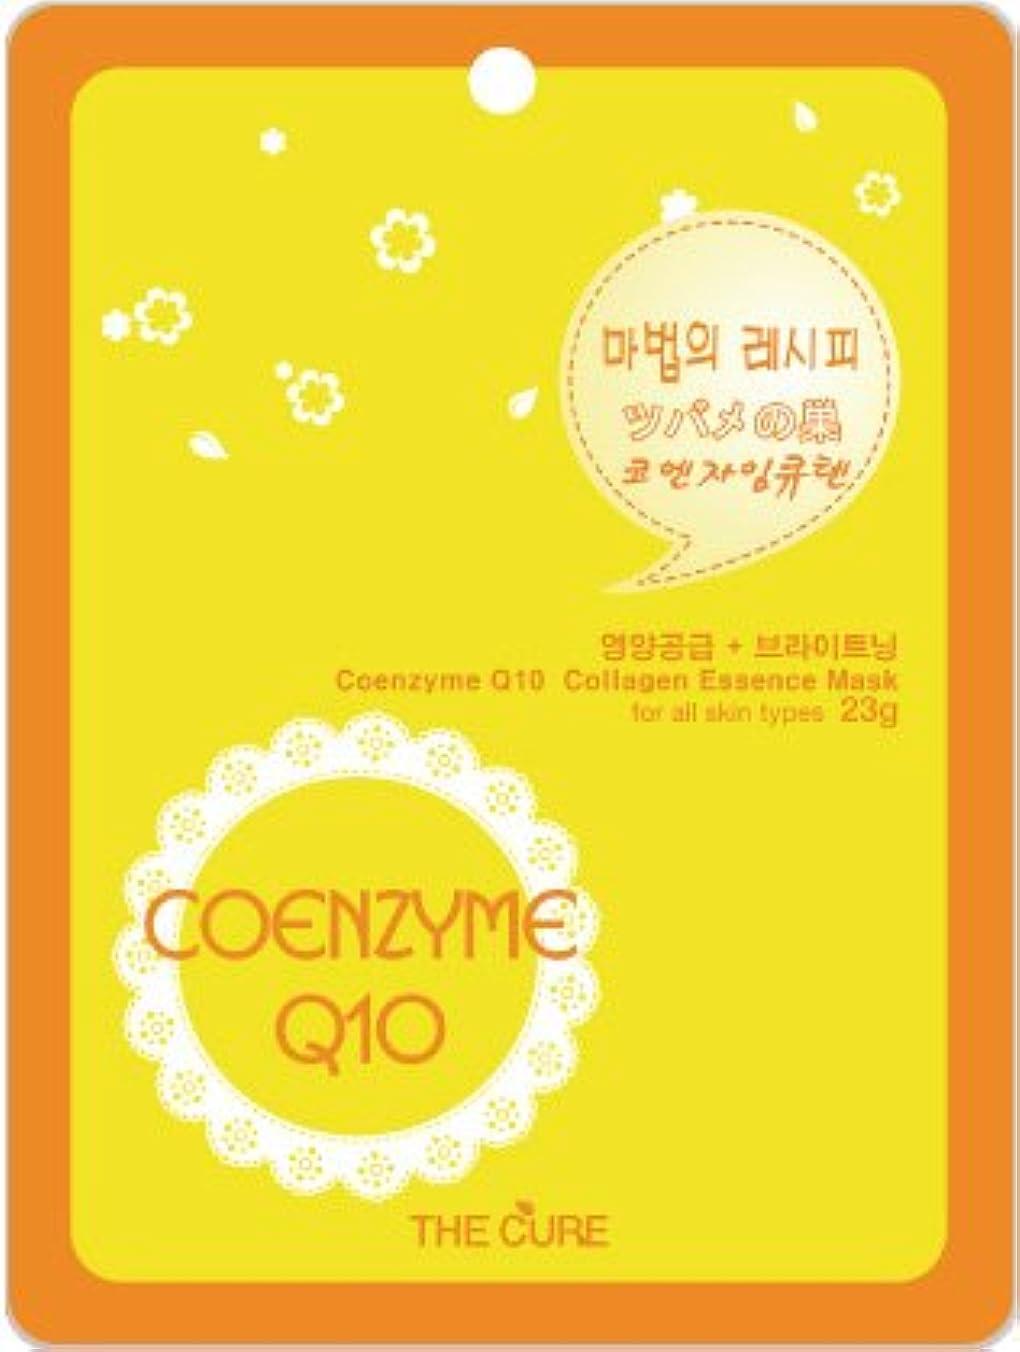 さようなら白菜社員コエンザイムQ10 コラーゲン エッセンス マスク THE CURE シート パック 10枚セット 韓国 コスメ 乾燥肌 オイリー肌 混合肌